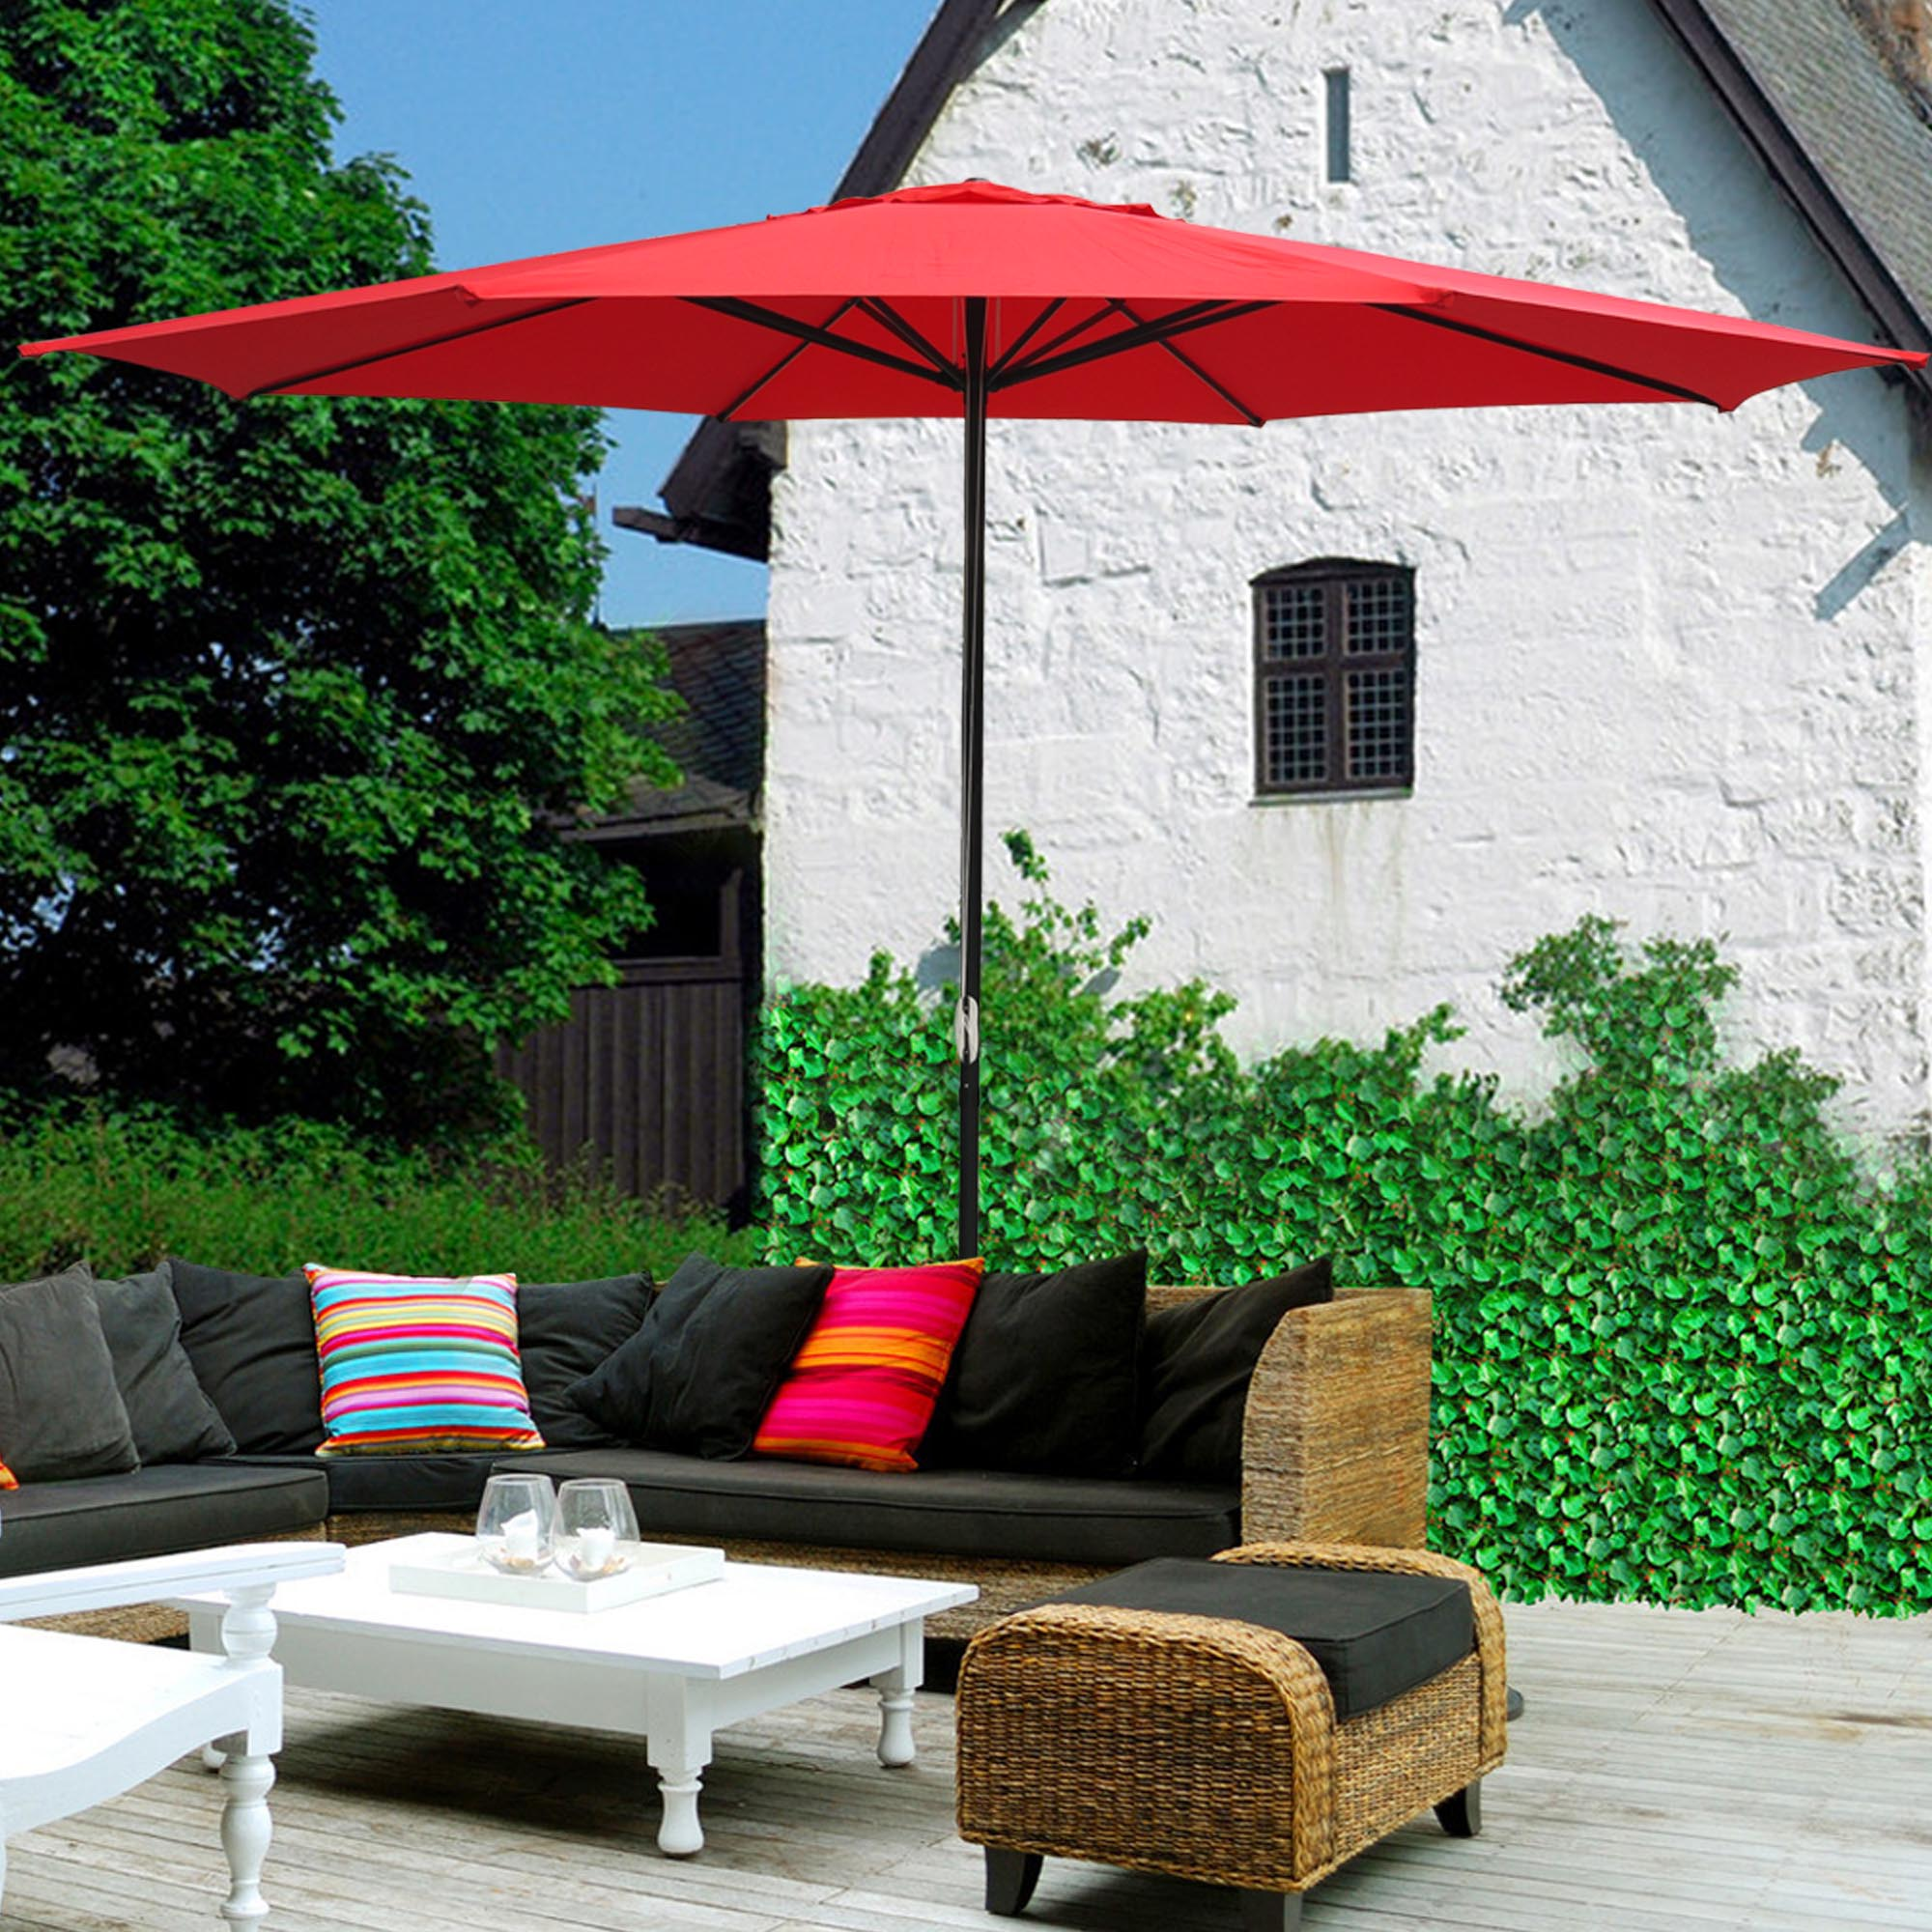 thumbnail 48 - 13' FT Sun Shade Patio Aluminum Umbrella UV30+ Outdoor Market Garden Beach Deck